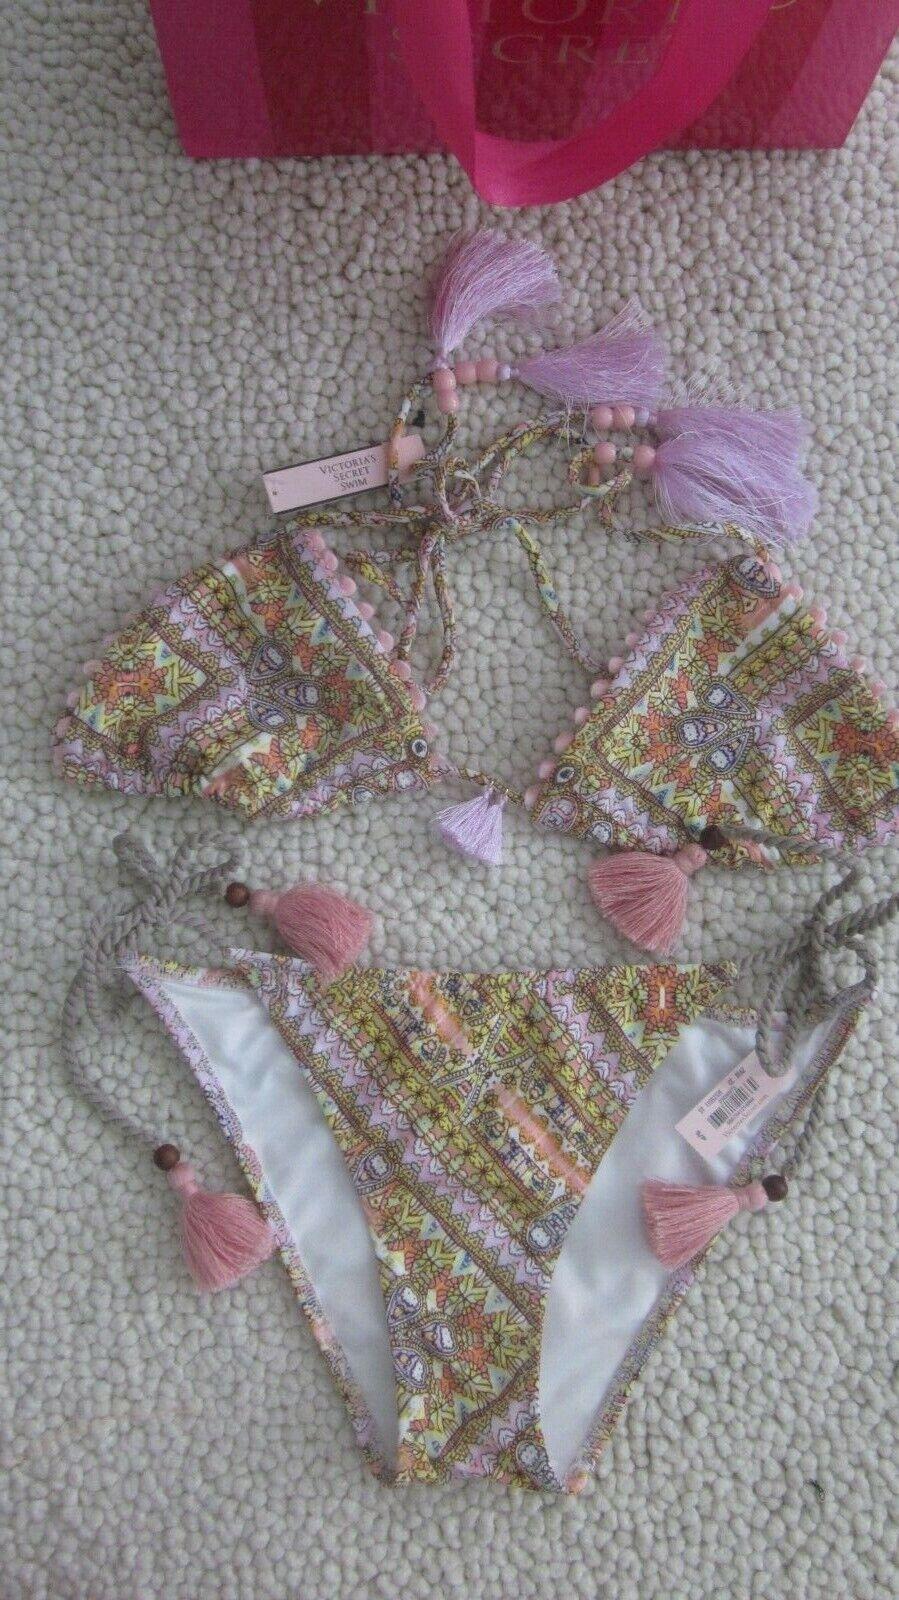 Victoria's Secret Triangle Pink Paisley Tassel Tie Bikini Small 32B 32C 34A 34B